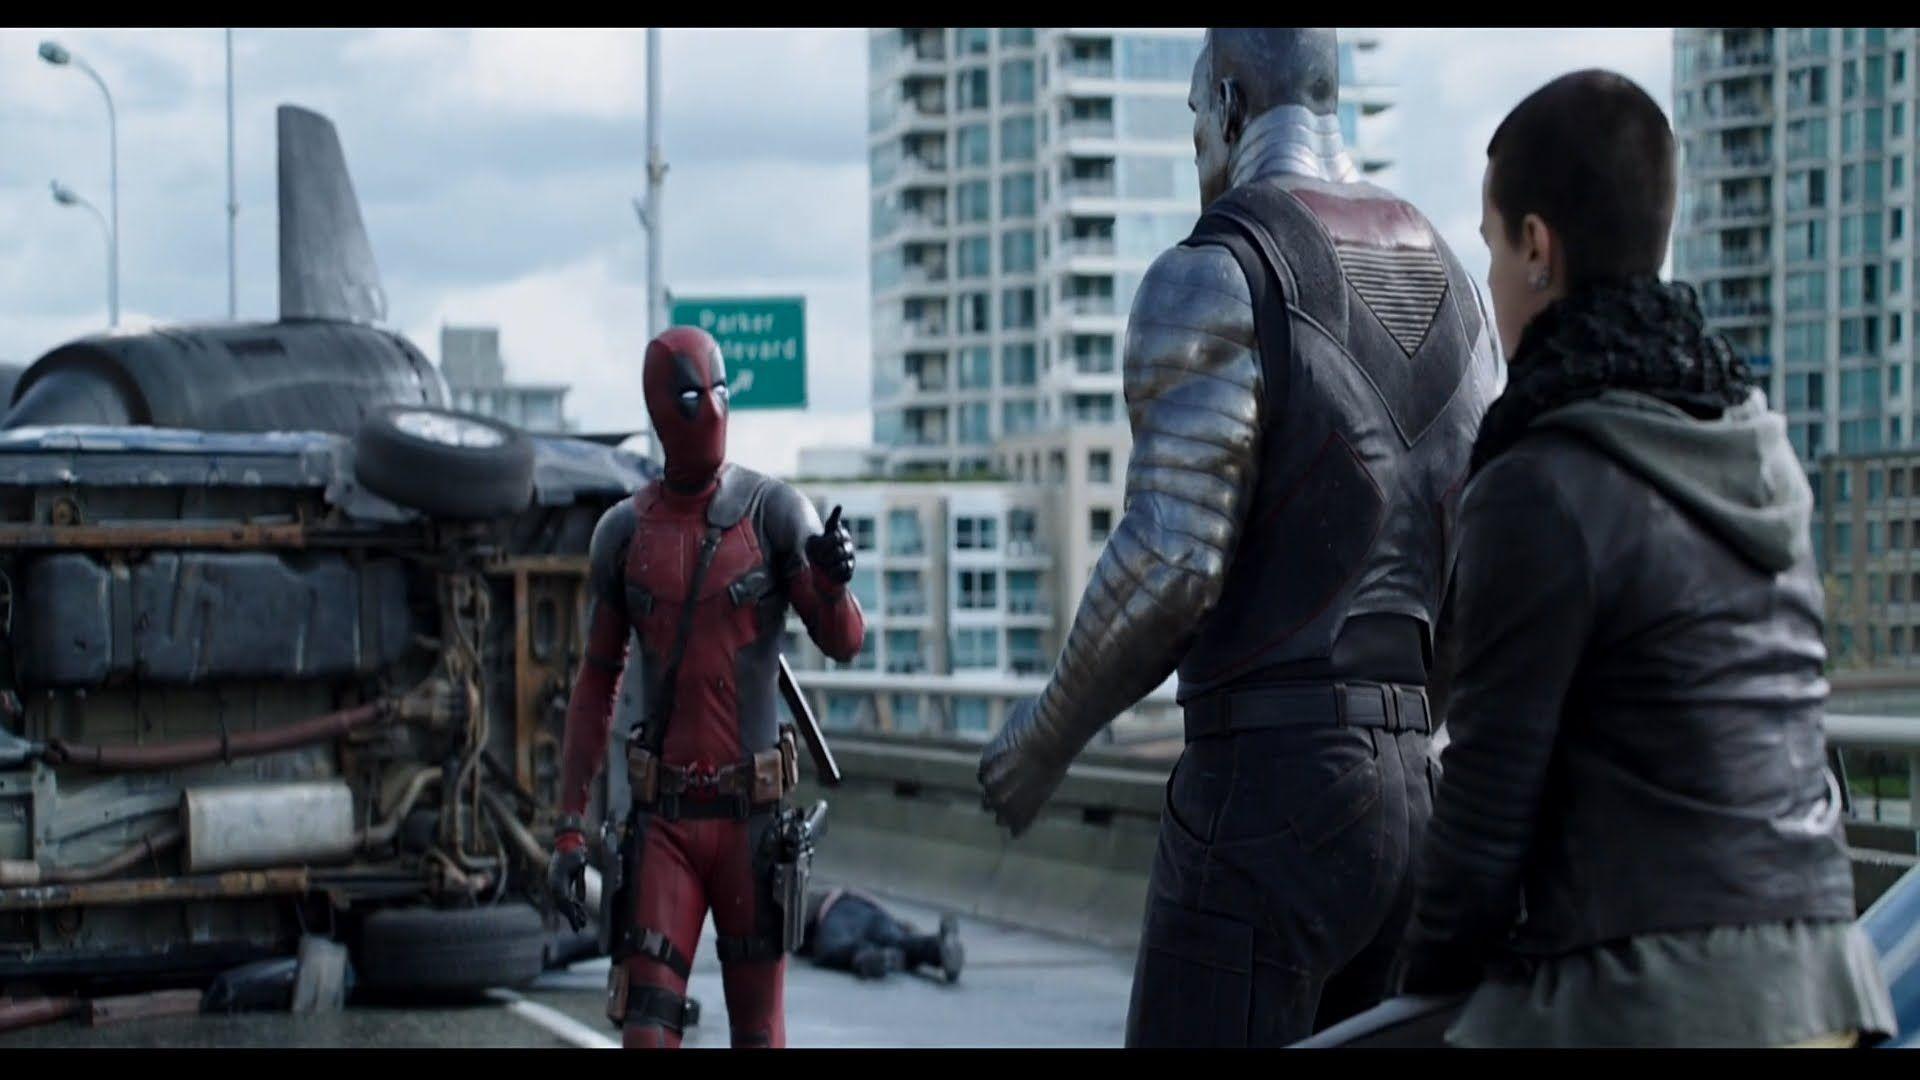 Deadpool 2016 deadpool meets colossus ntw scene